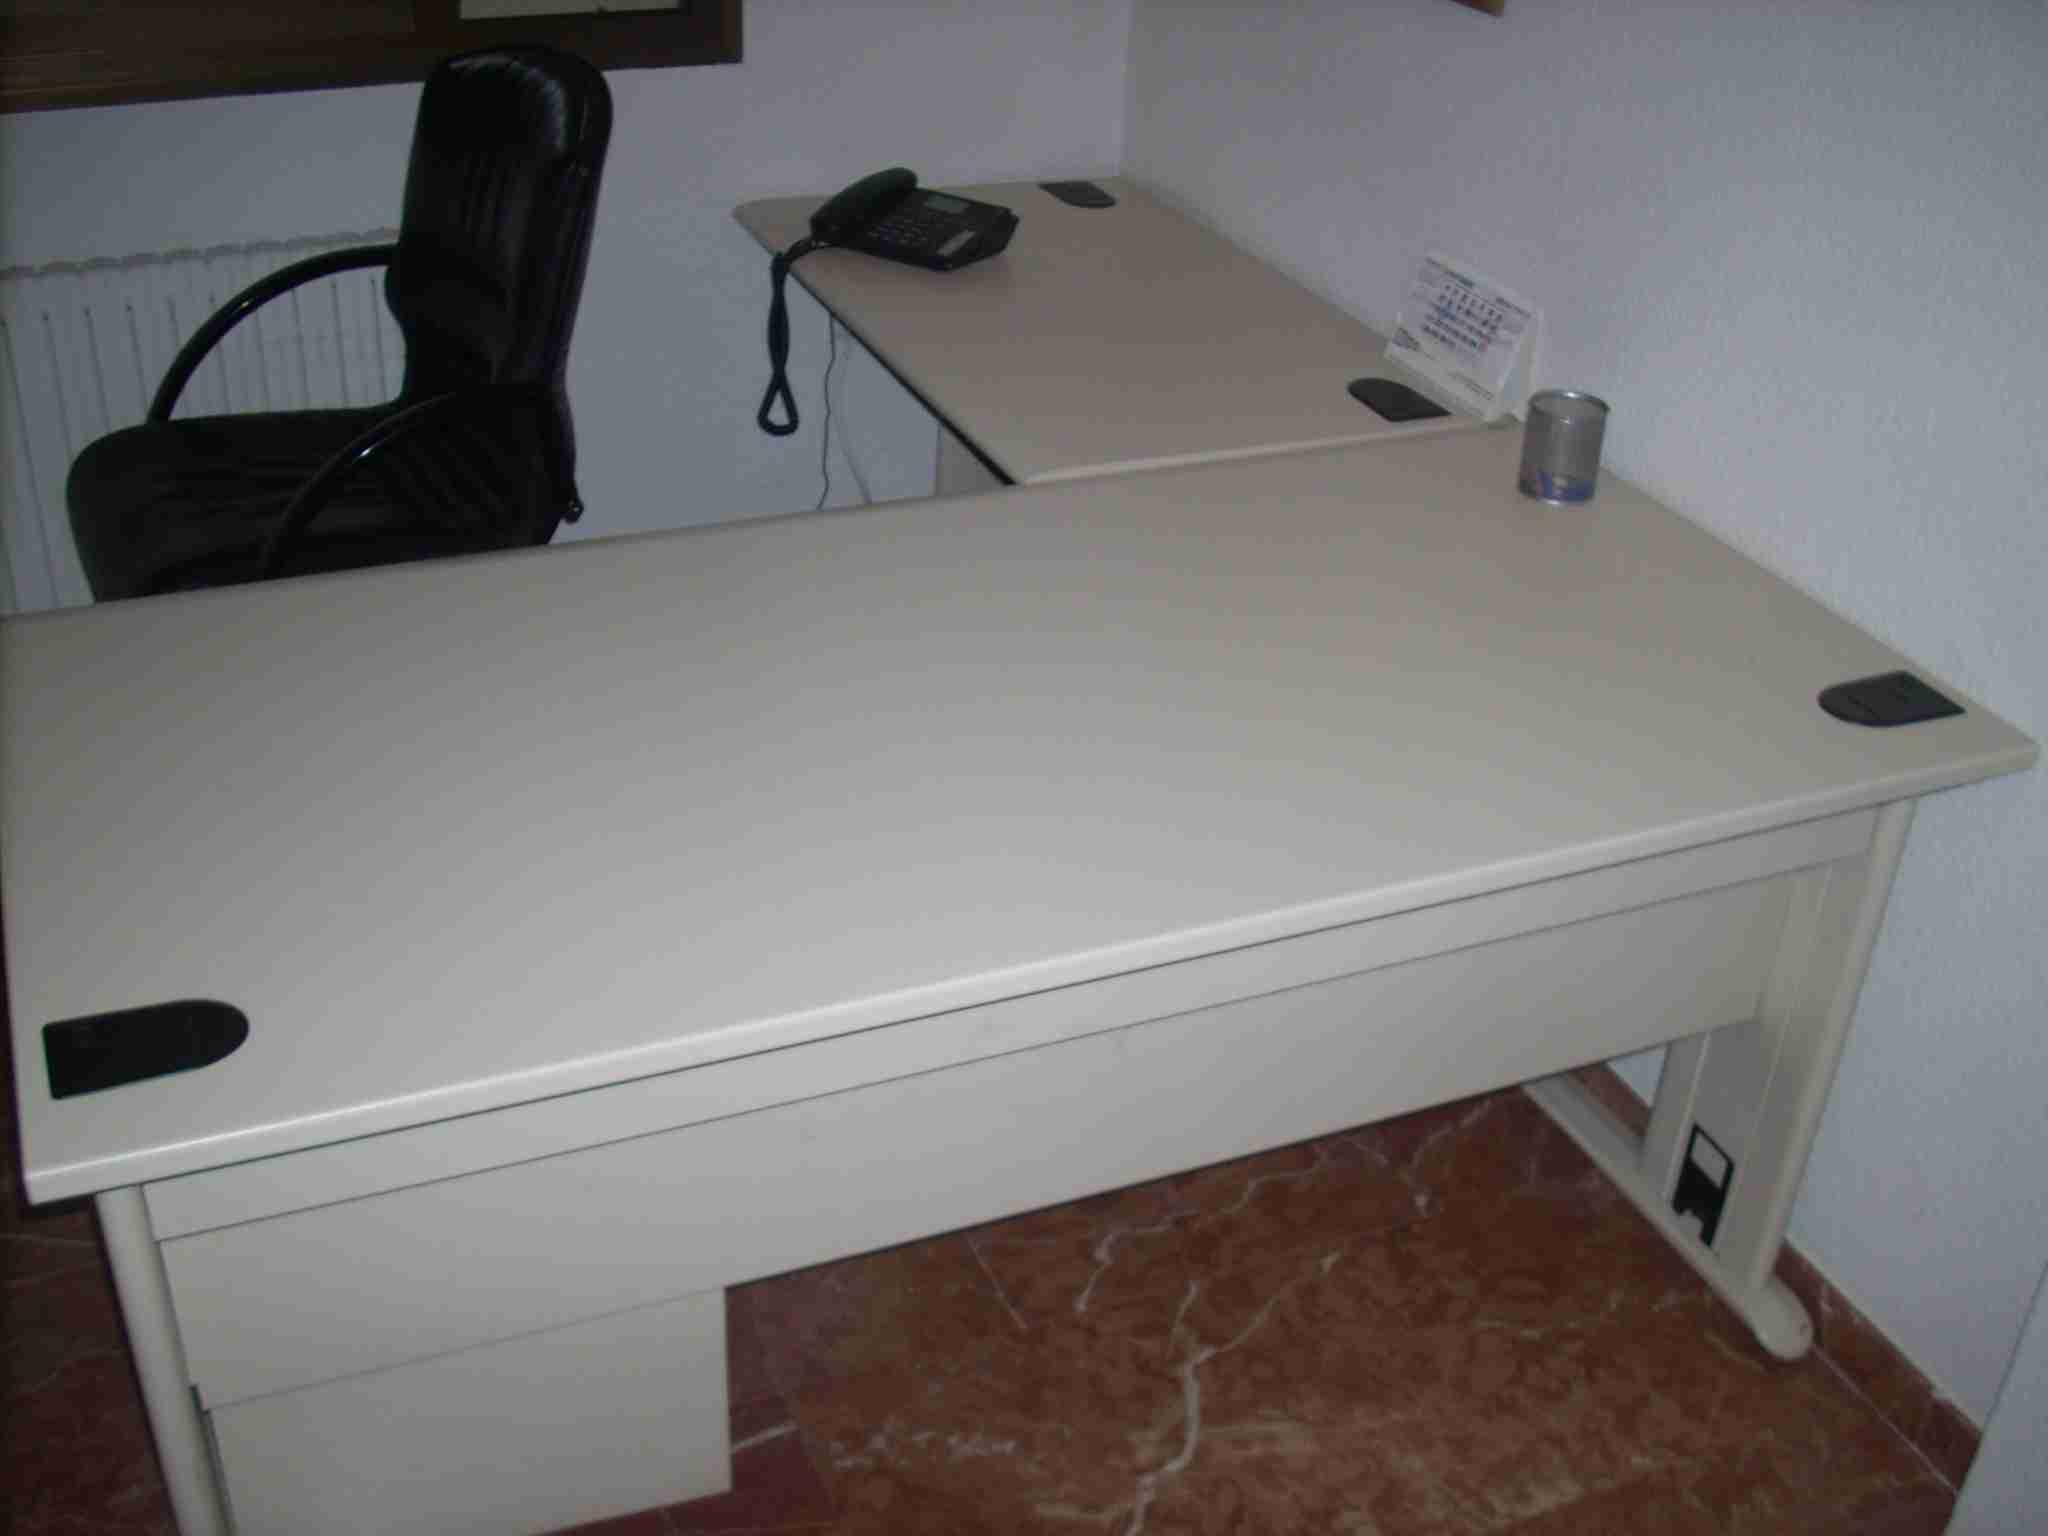 Segunda mano - Muebles oficina Granada - IMOC.es